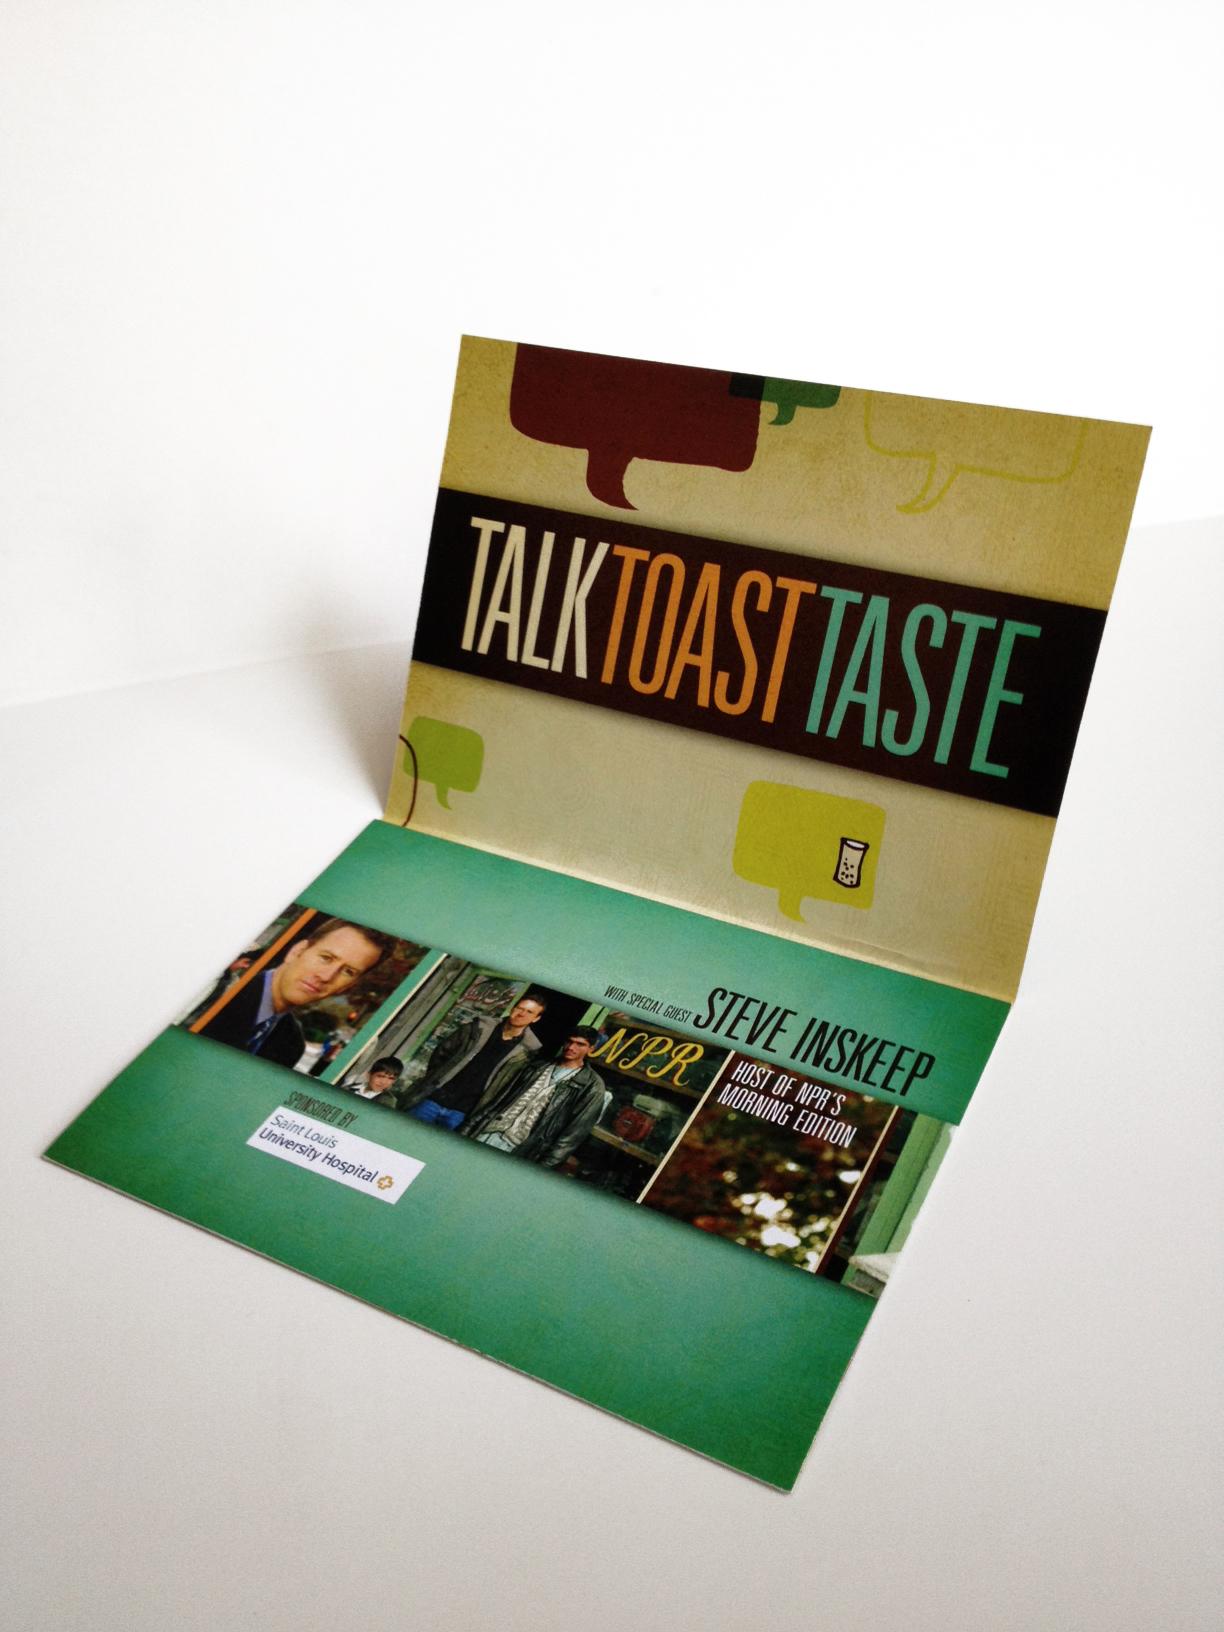 TalkToastTaste_3.JPG